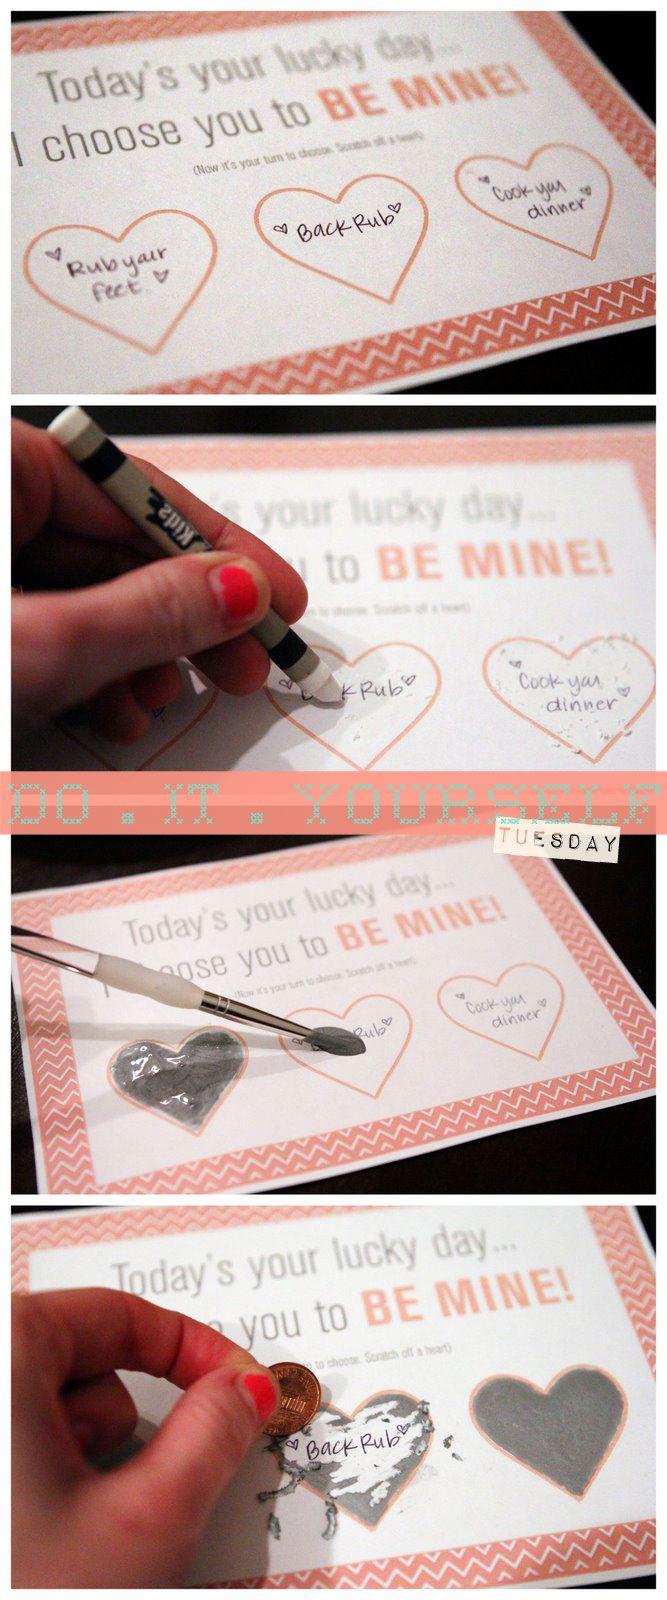 DIY scratcher, cute idea! Make it for a date night or special reward.